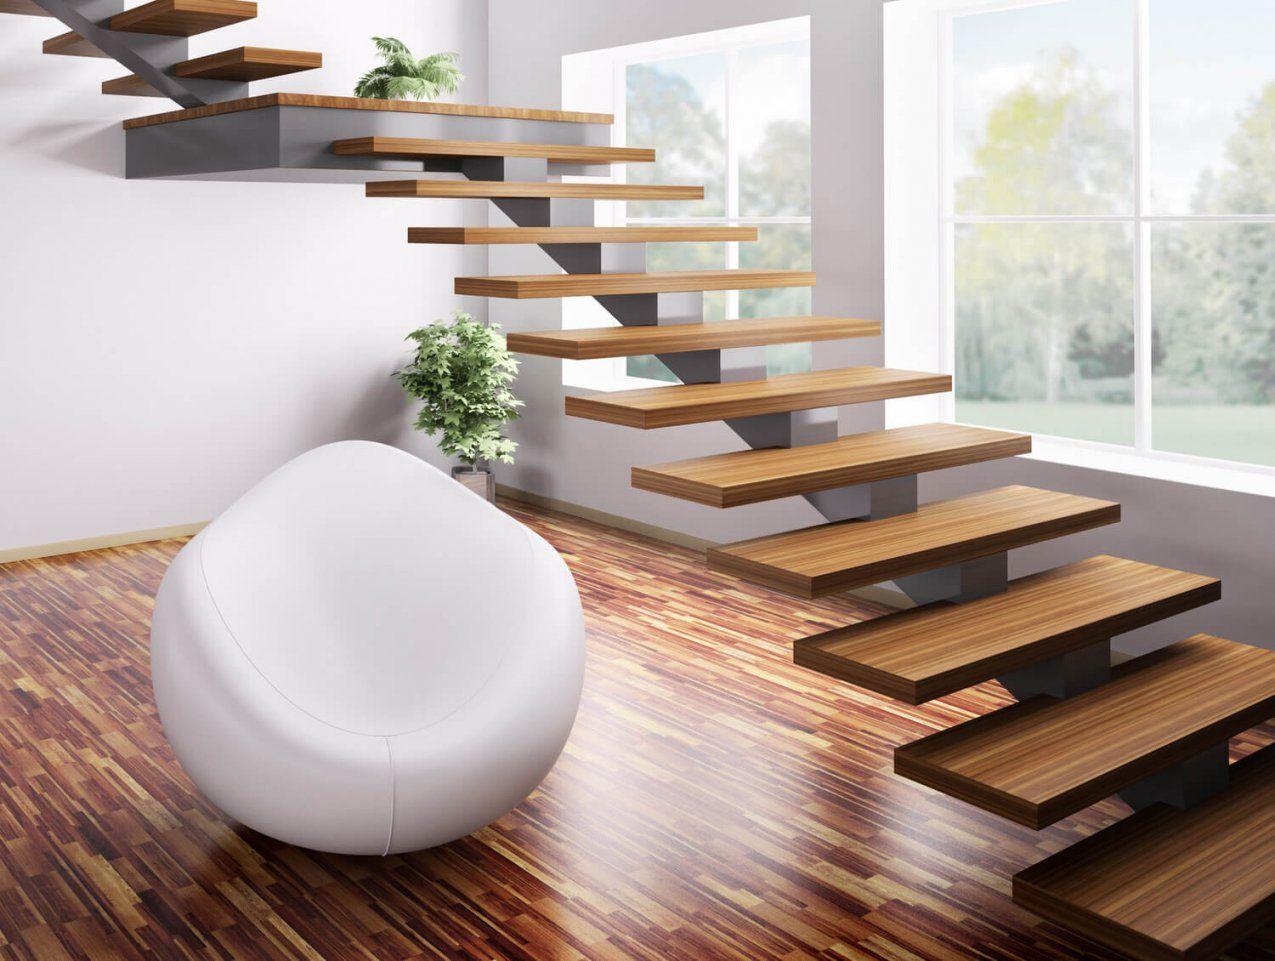 Kleine Treppe Bauen Ve67 – Hitoiro von Kleine Treppe Selber Bauen Photo